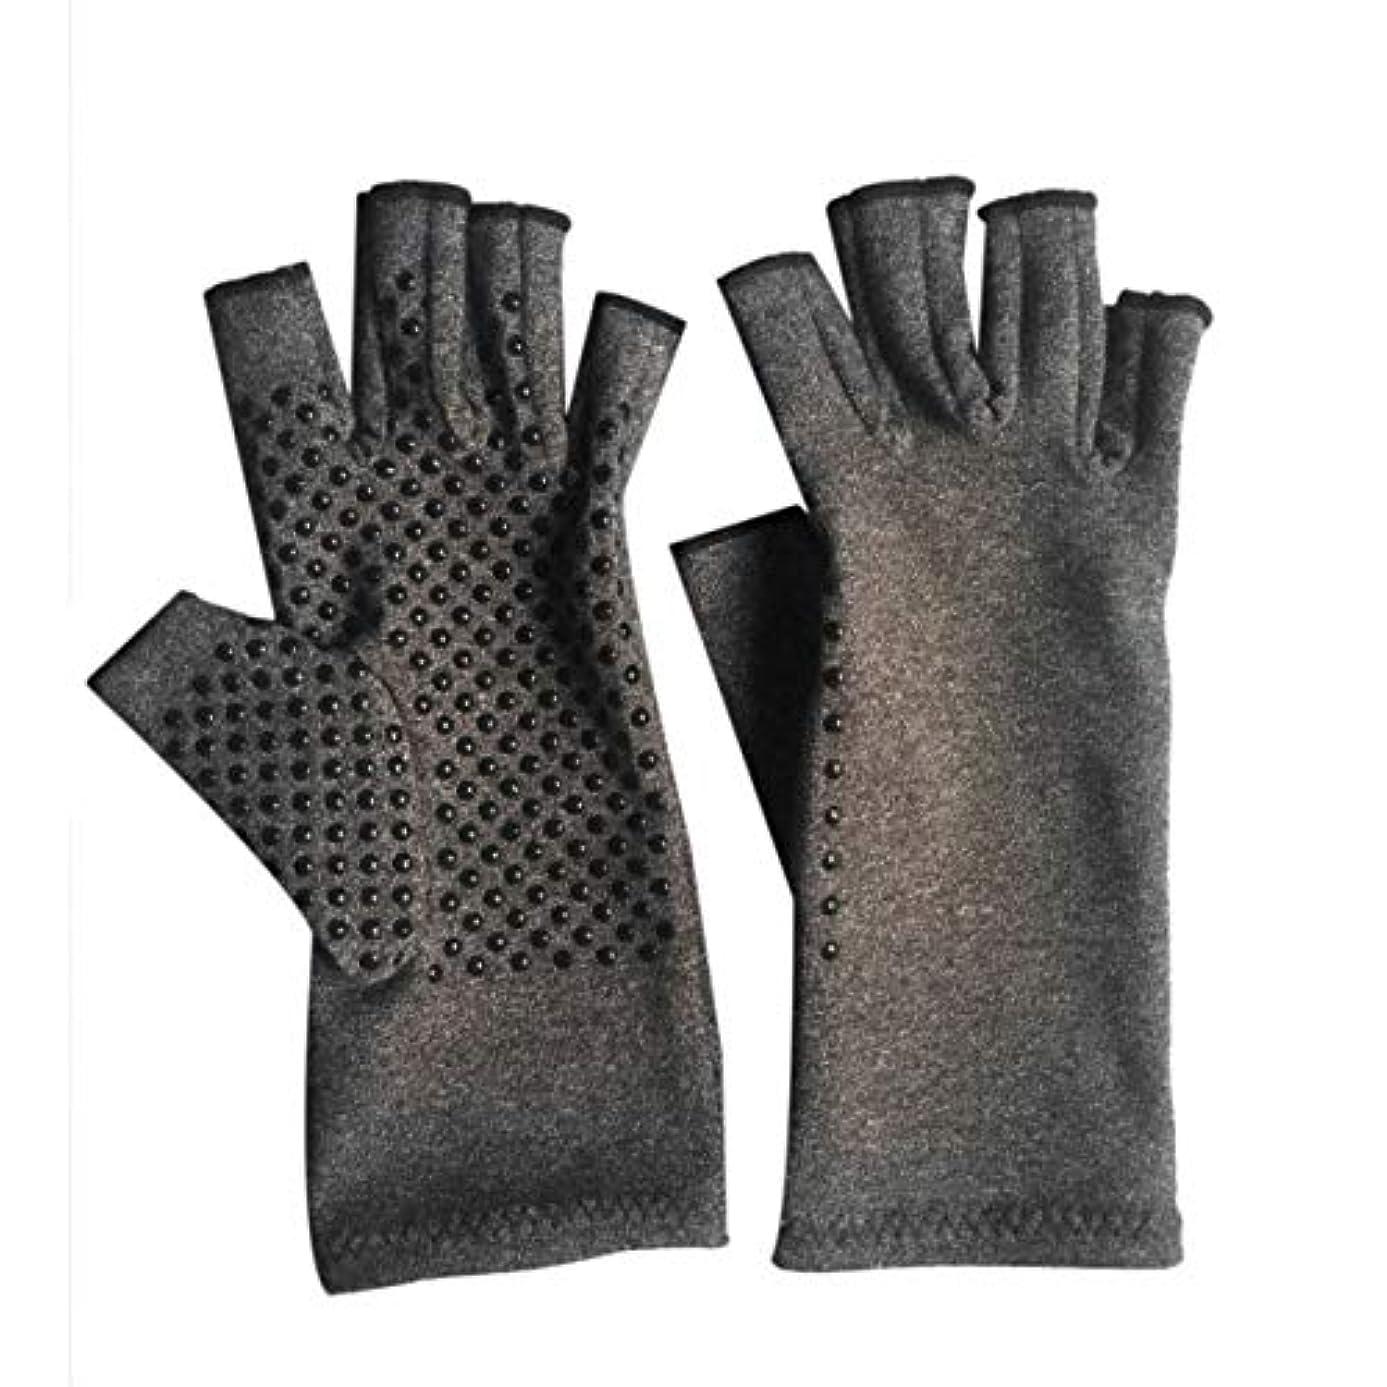 衣装弱点ジャンル1ペアユニセックス男性女性療法圧縮手袋関節炎関節痛緩和ヘルスケア半指手袋トレーニング手袋 - グレーM